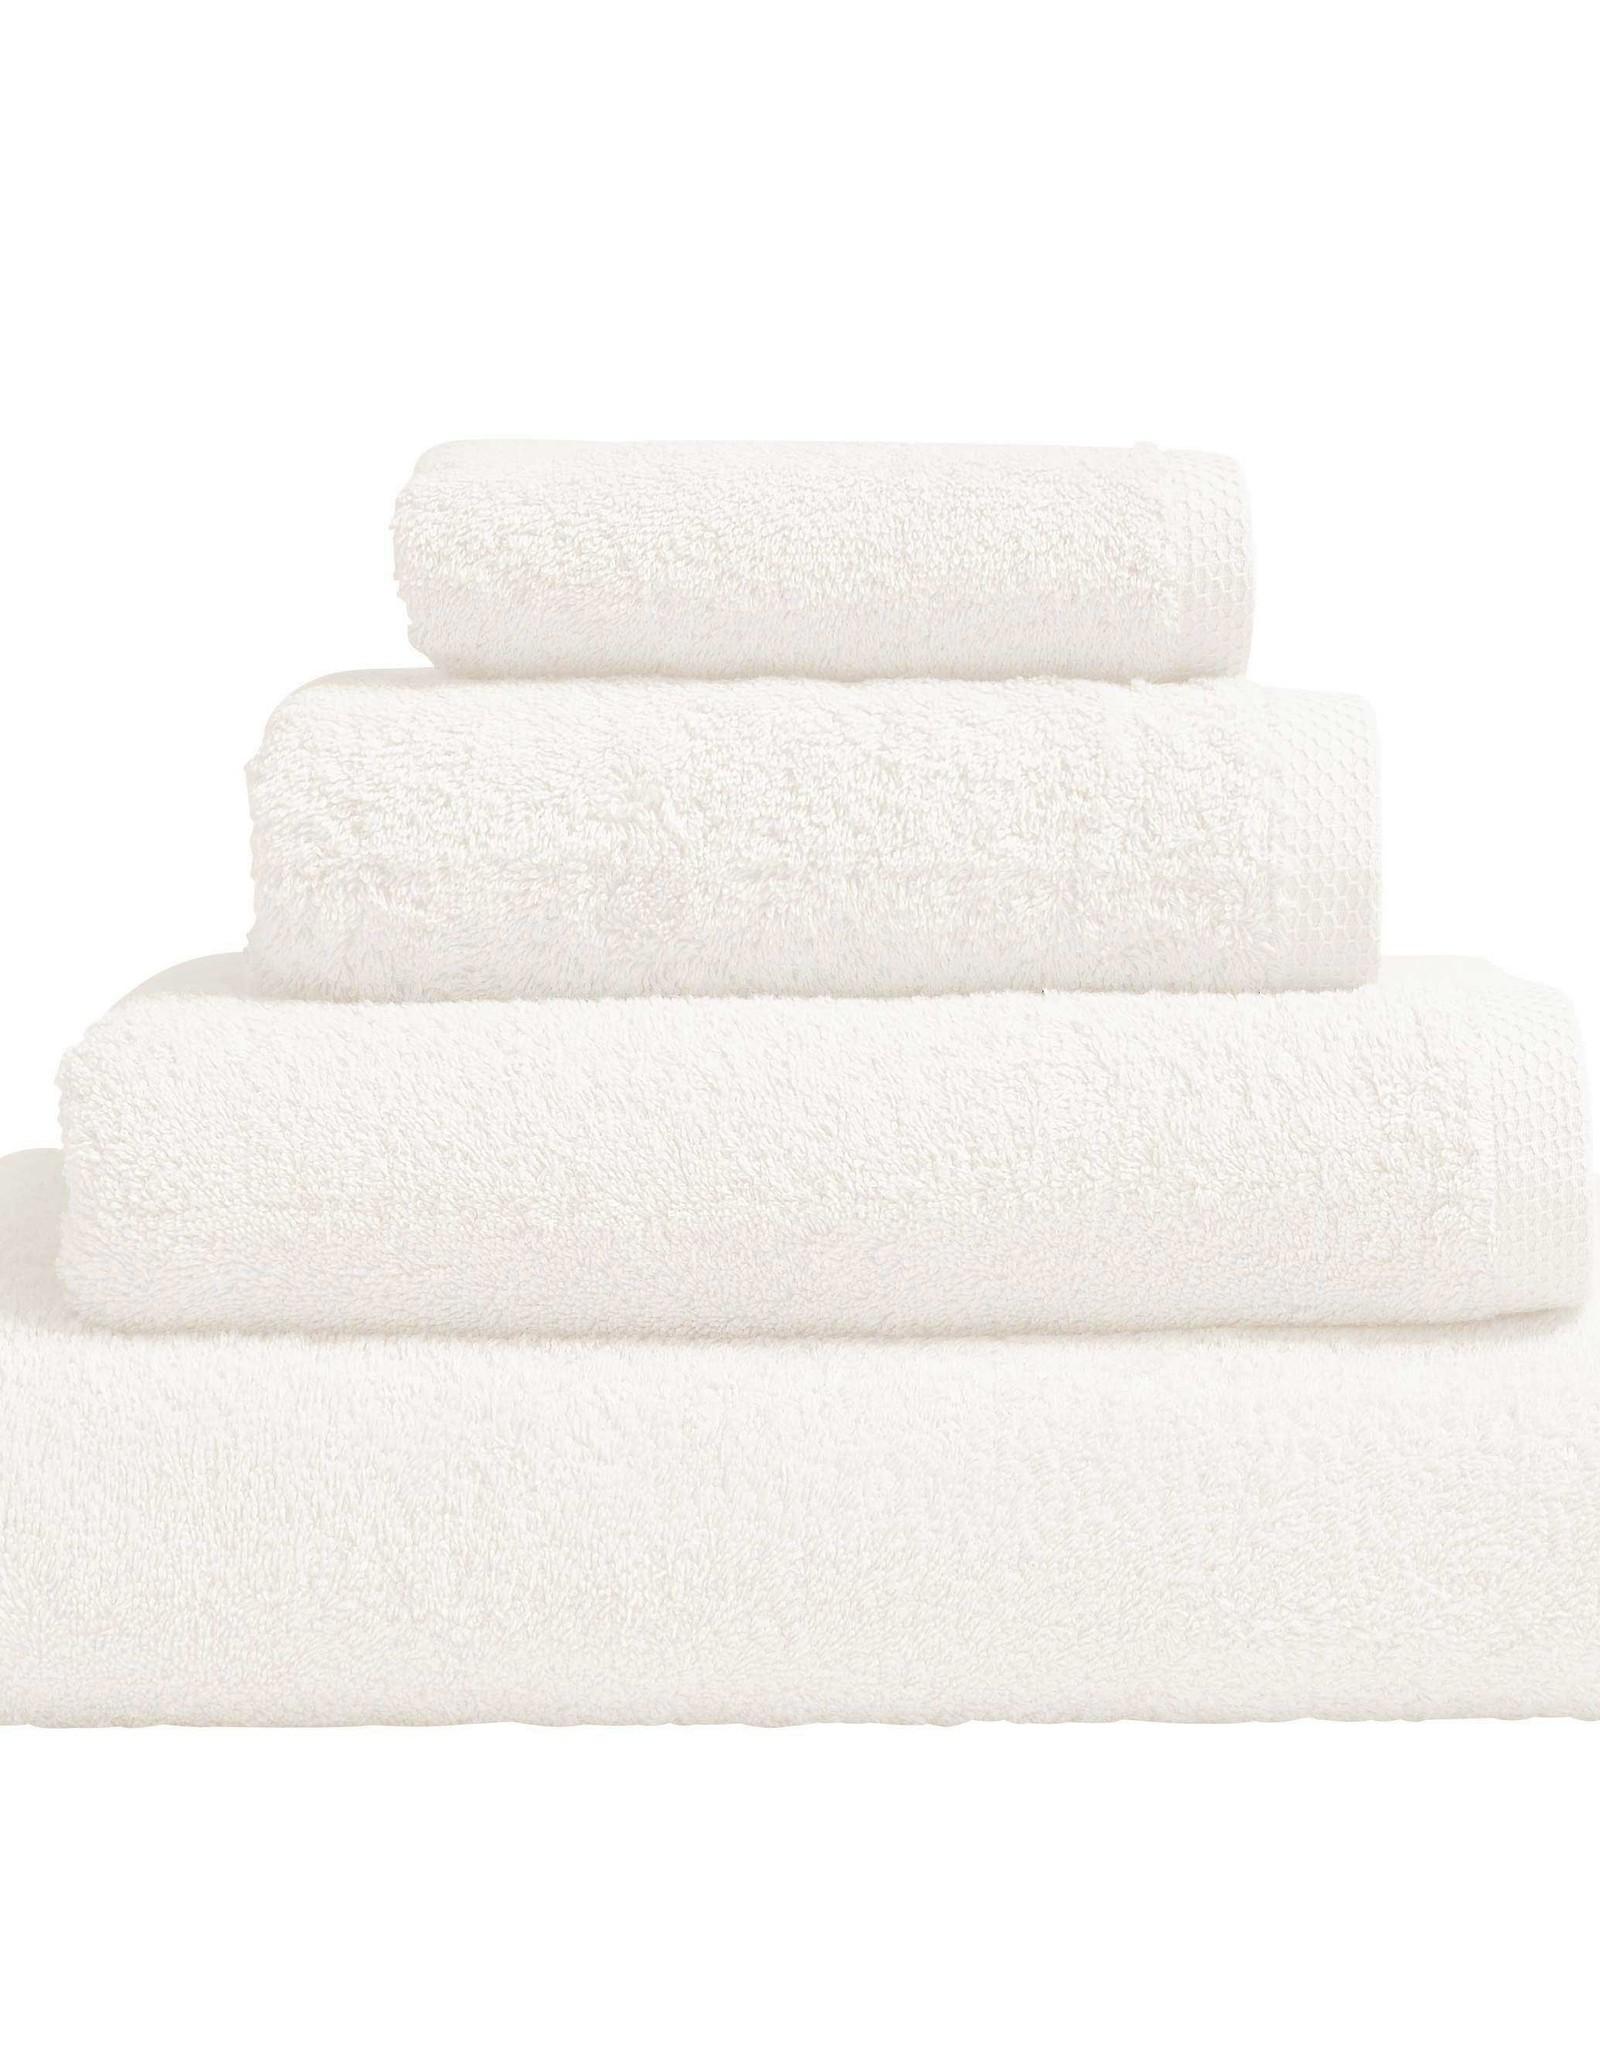 Essix Handdoek Essix AQUA Blanc